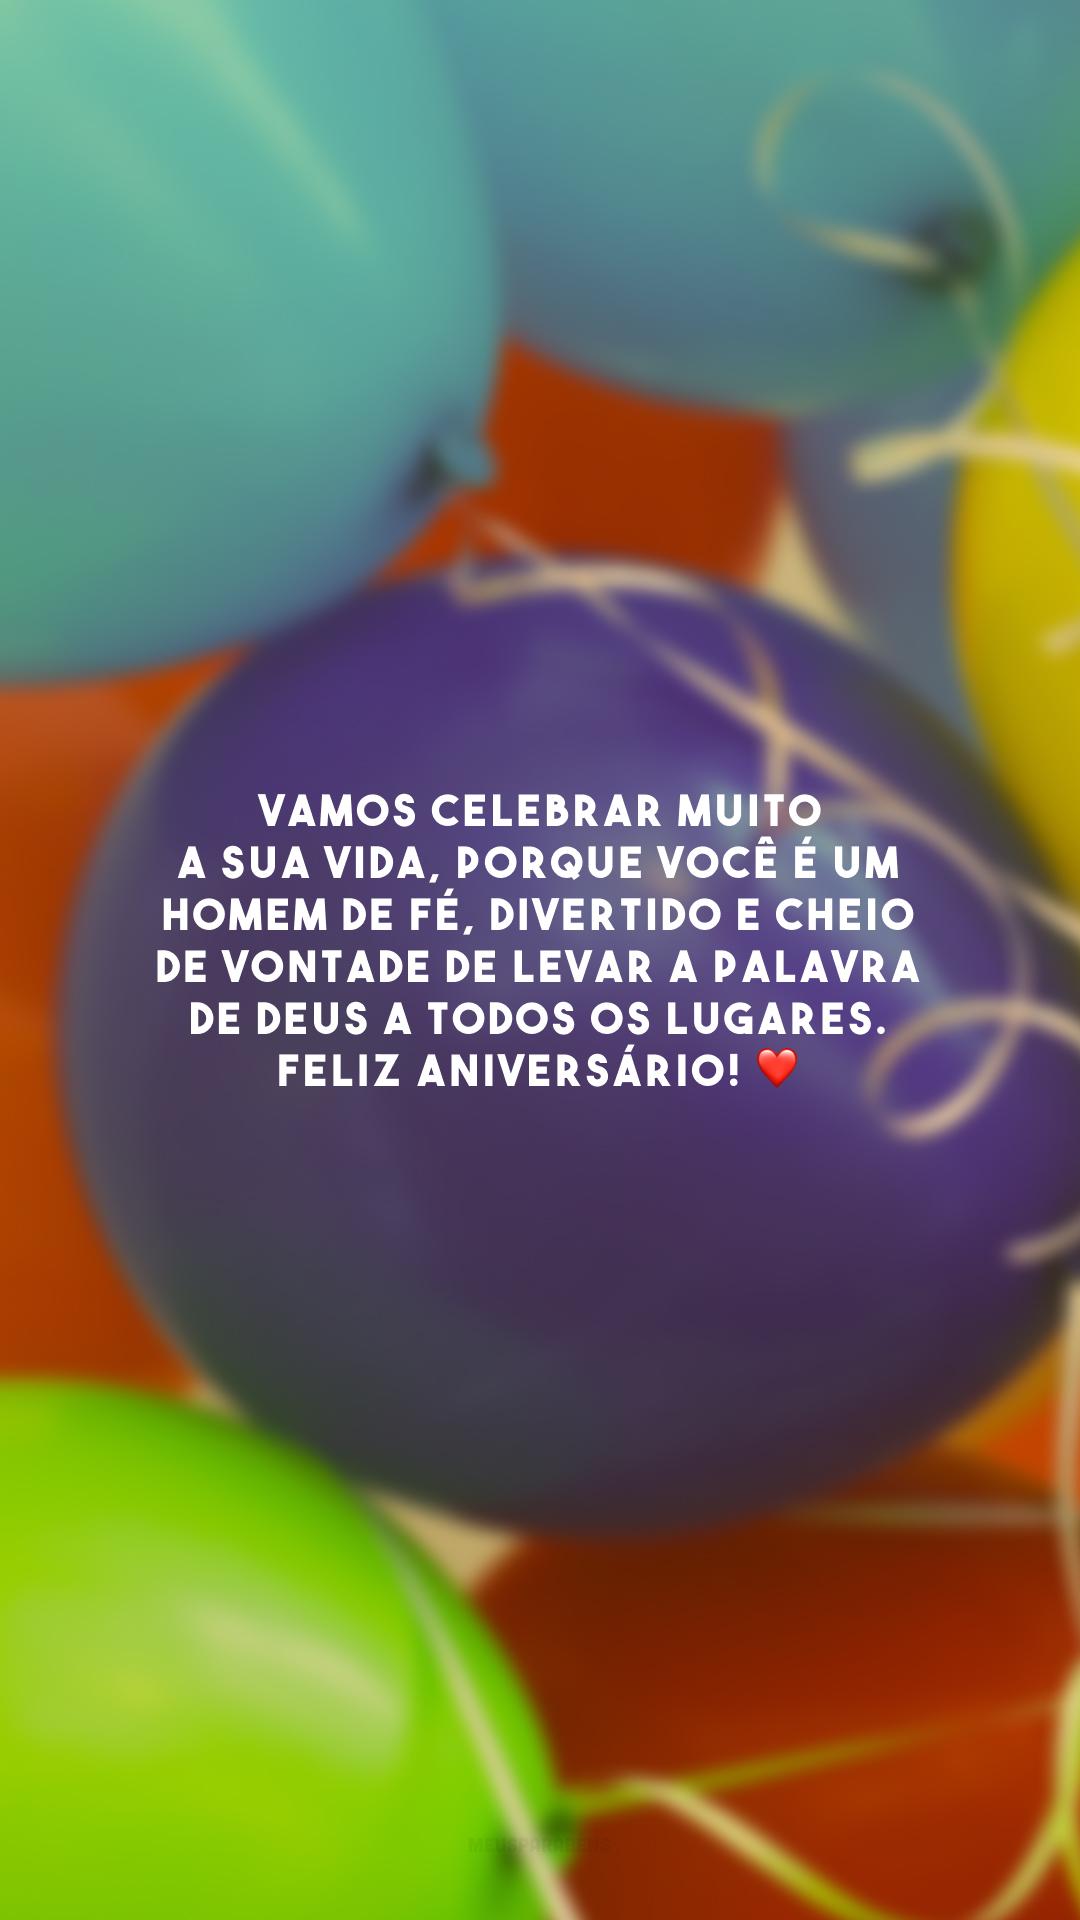 Vamos celebrar muito a sua vida, porque você é um homem de fé, divertido e cheio de vontade de levar a palavra de Deus a todos os lugares. Feliz aniversário! ❤️